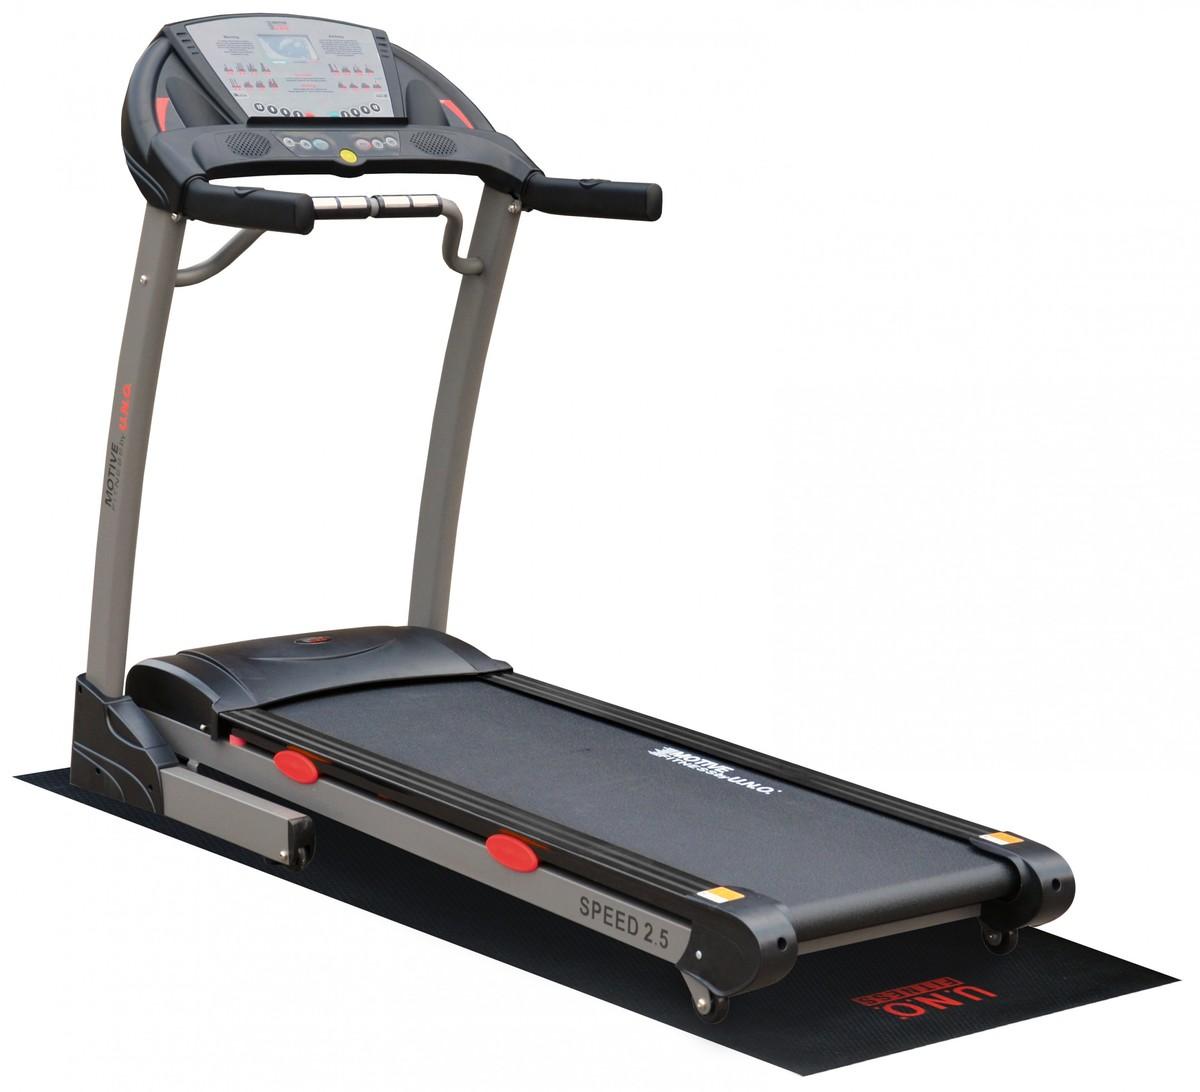 Bild 1 von MOTIVE Fitness by U.N.O. Laufband Speed 2.5 inkl. Schutzmatte